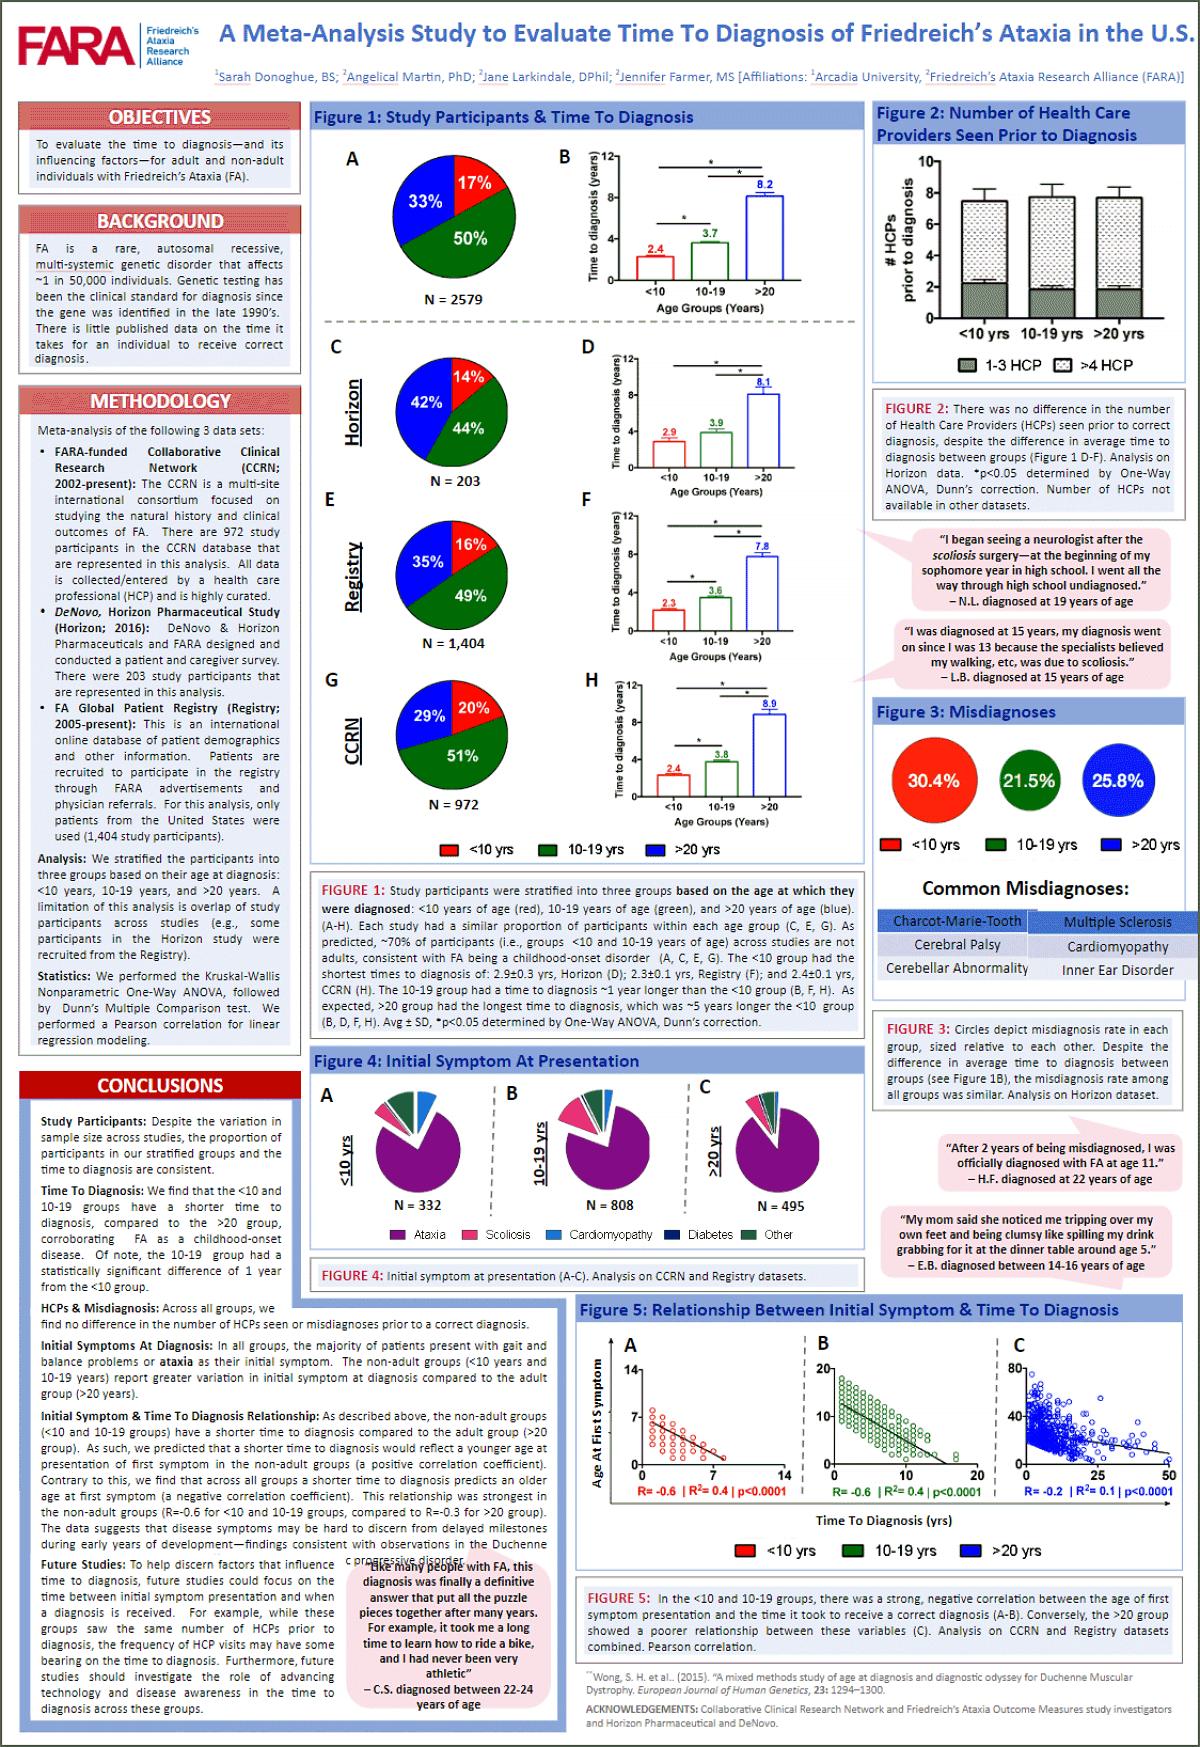 FARA Diagnosis Poster